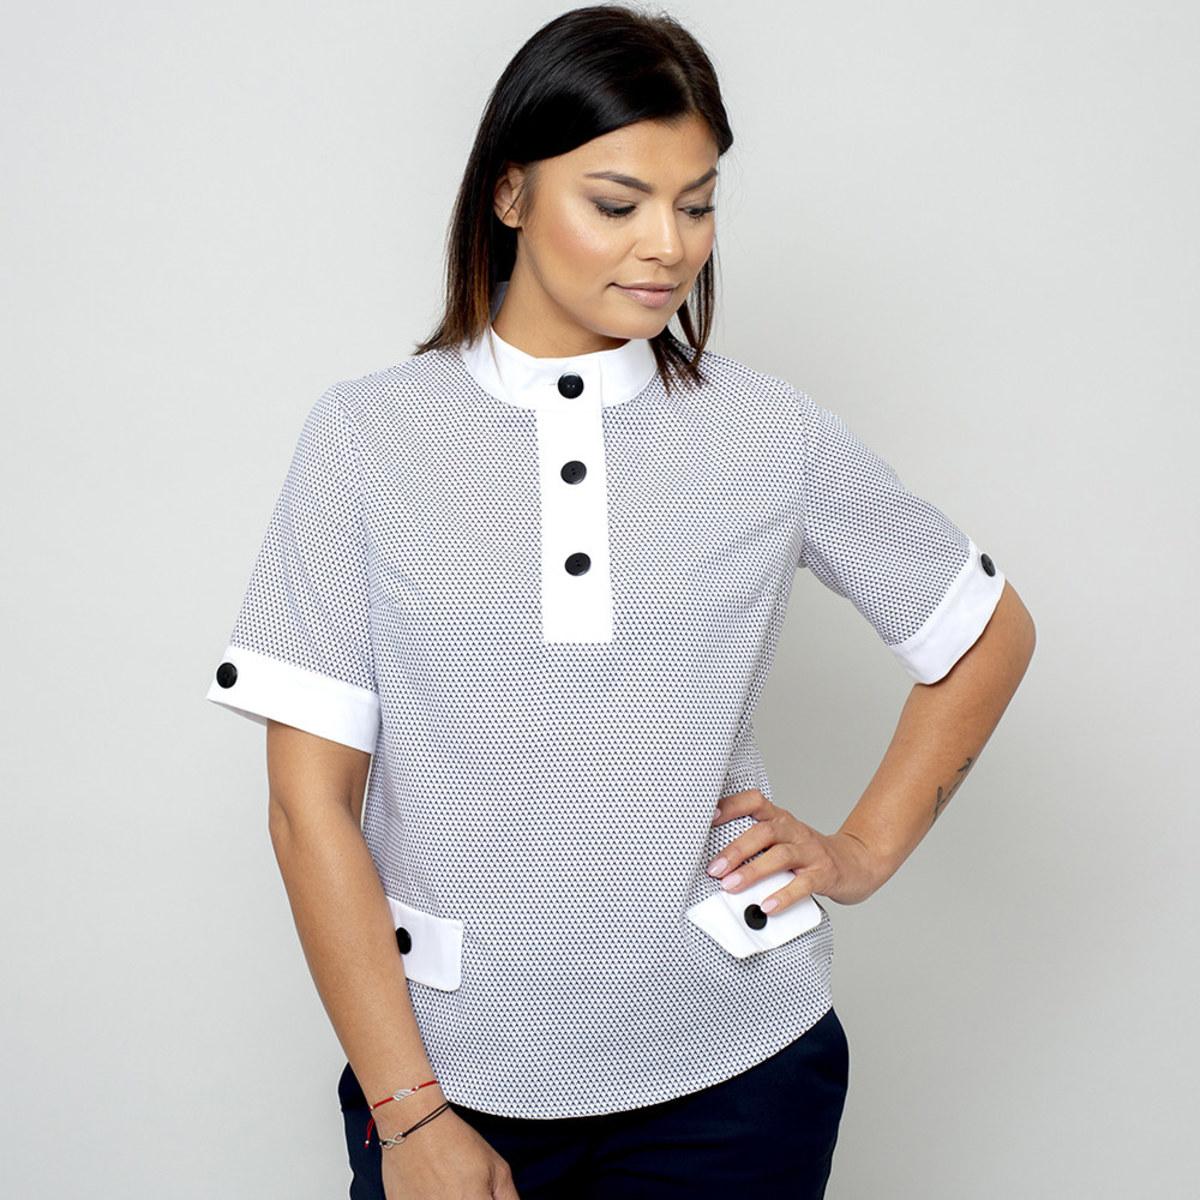 Dámske tričko s bielymi prvkami 10828 Veľkosť 46